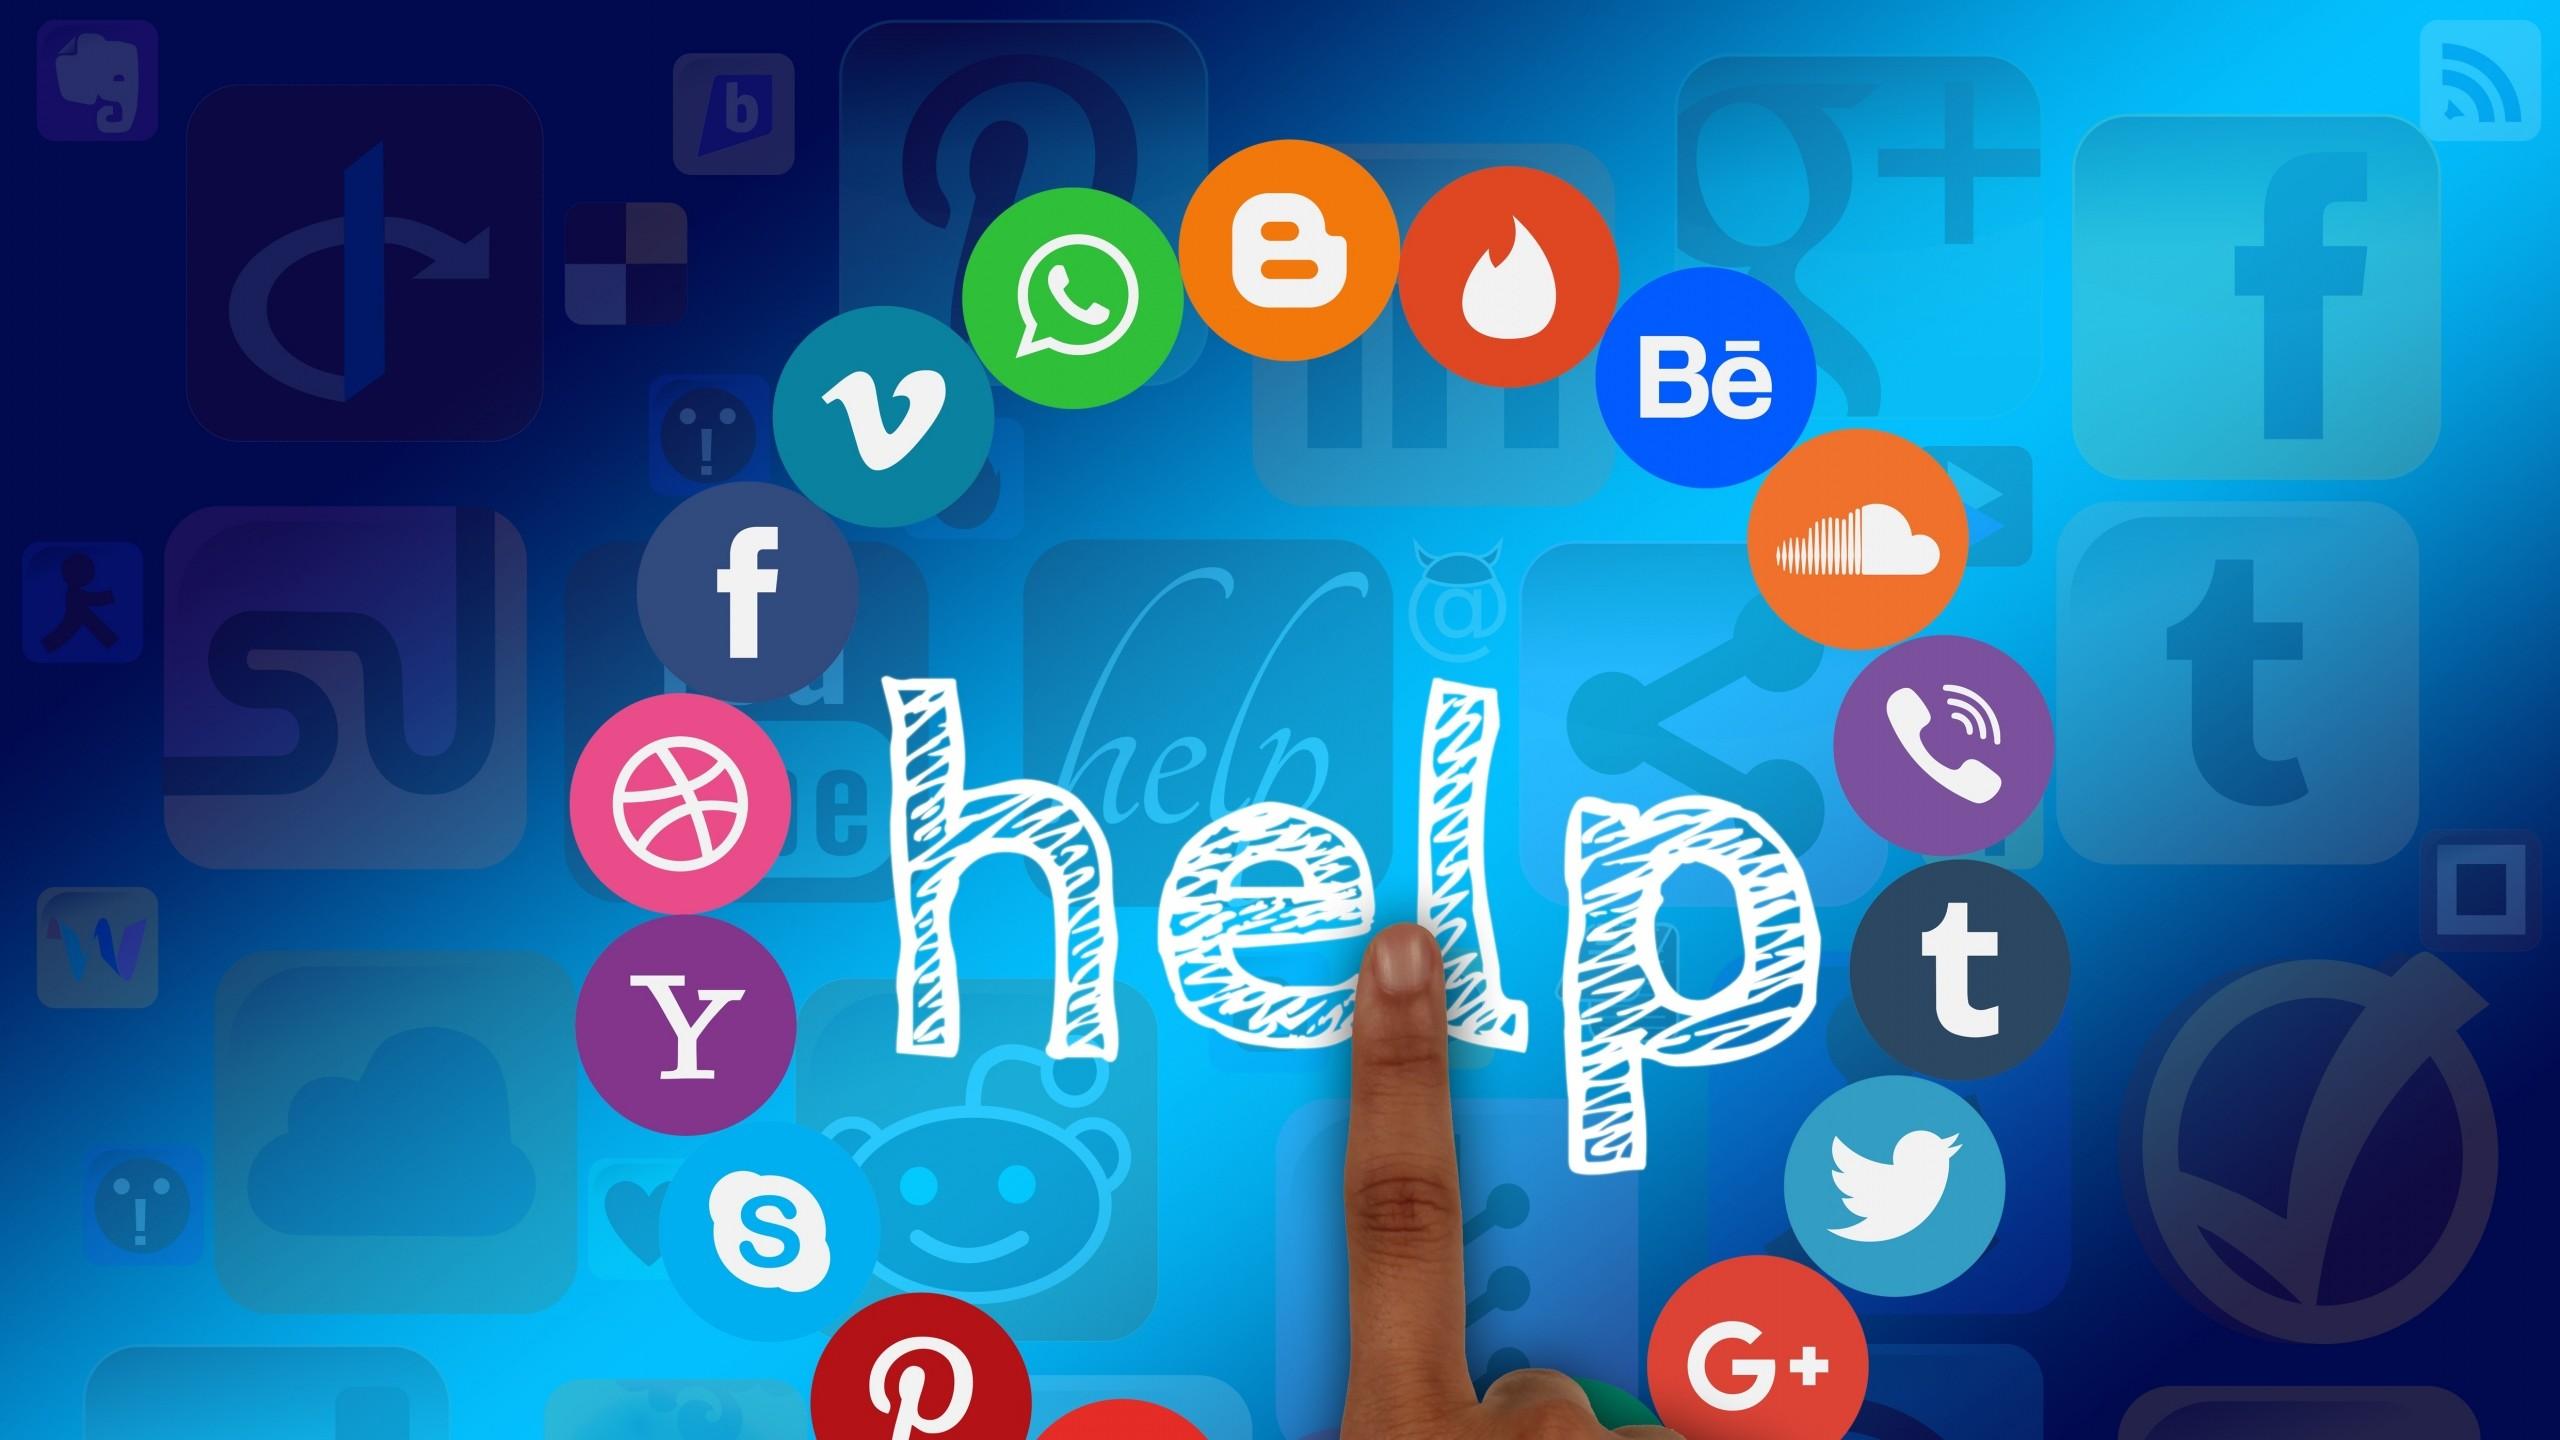 Wallpaper social networks, youtube, google, picasa, skype, bing,  pinterest